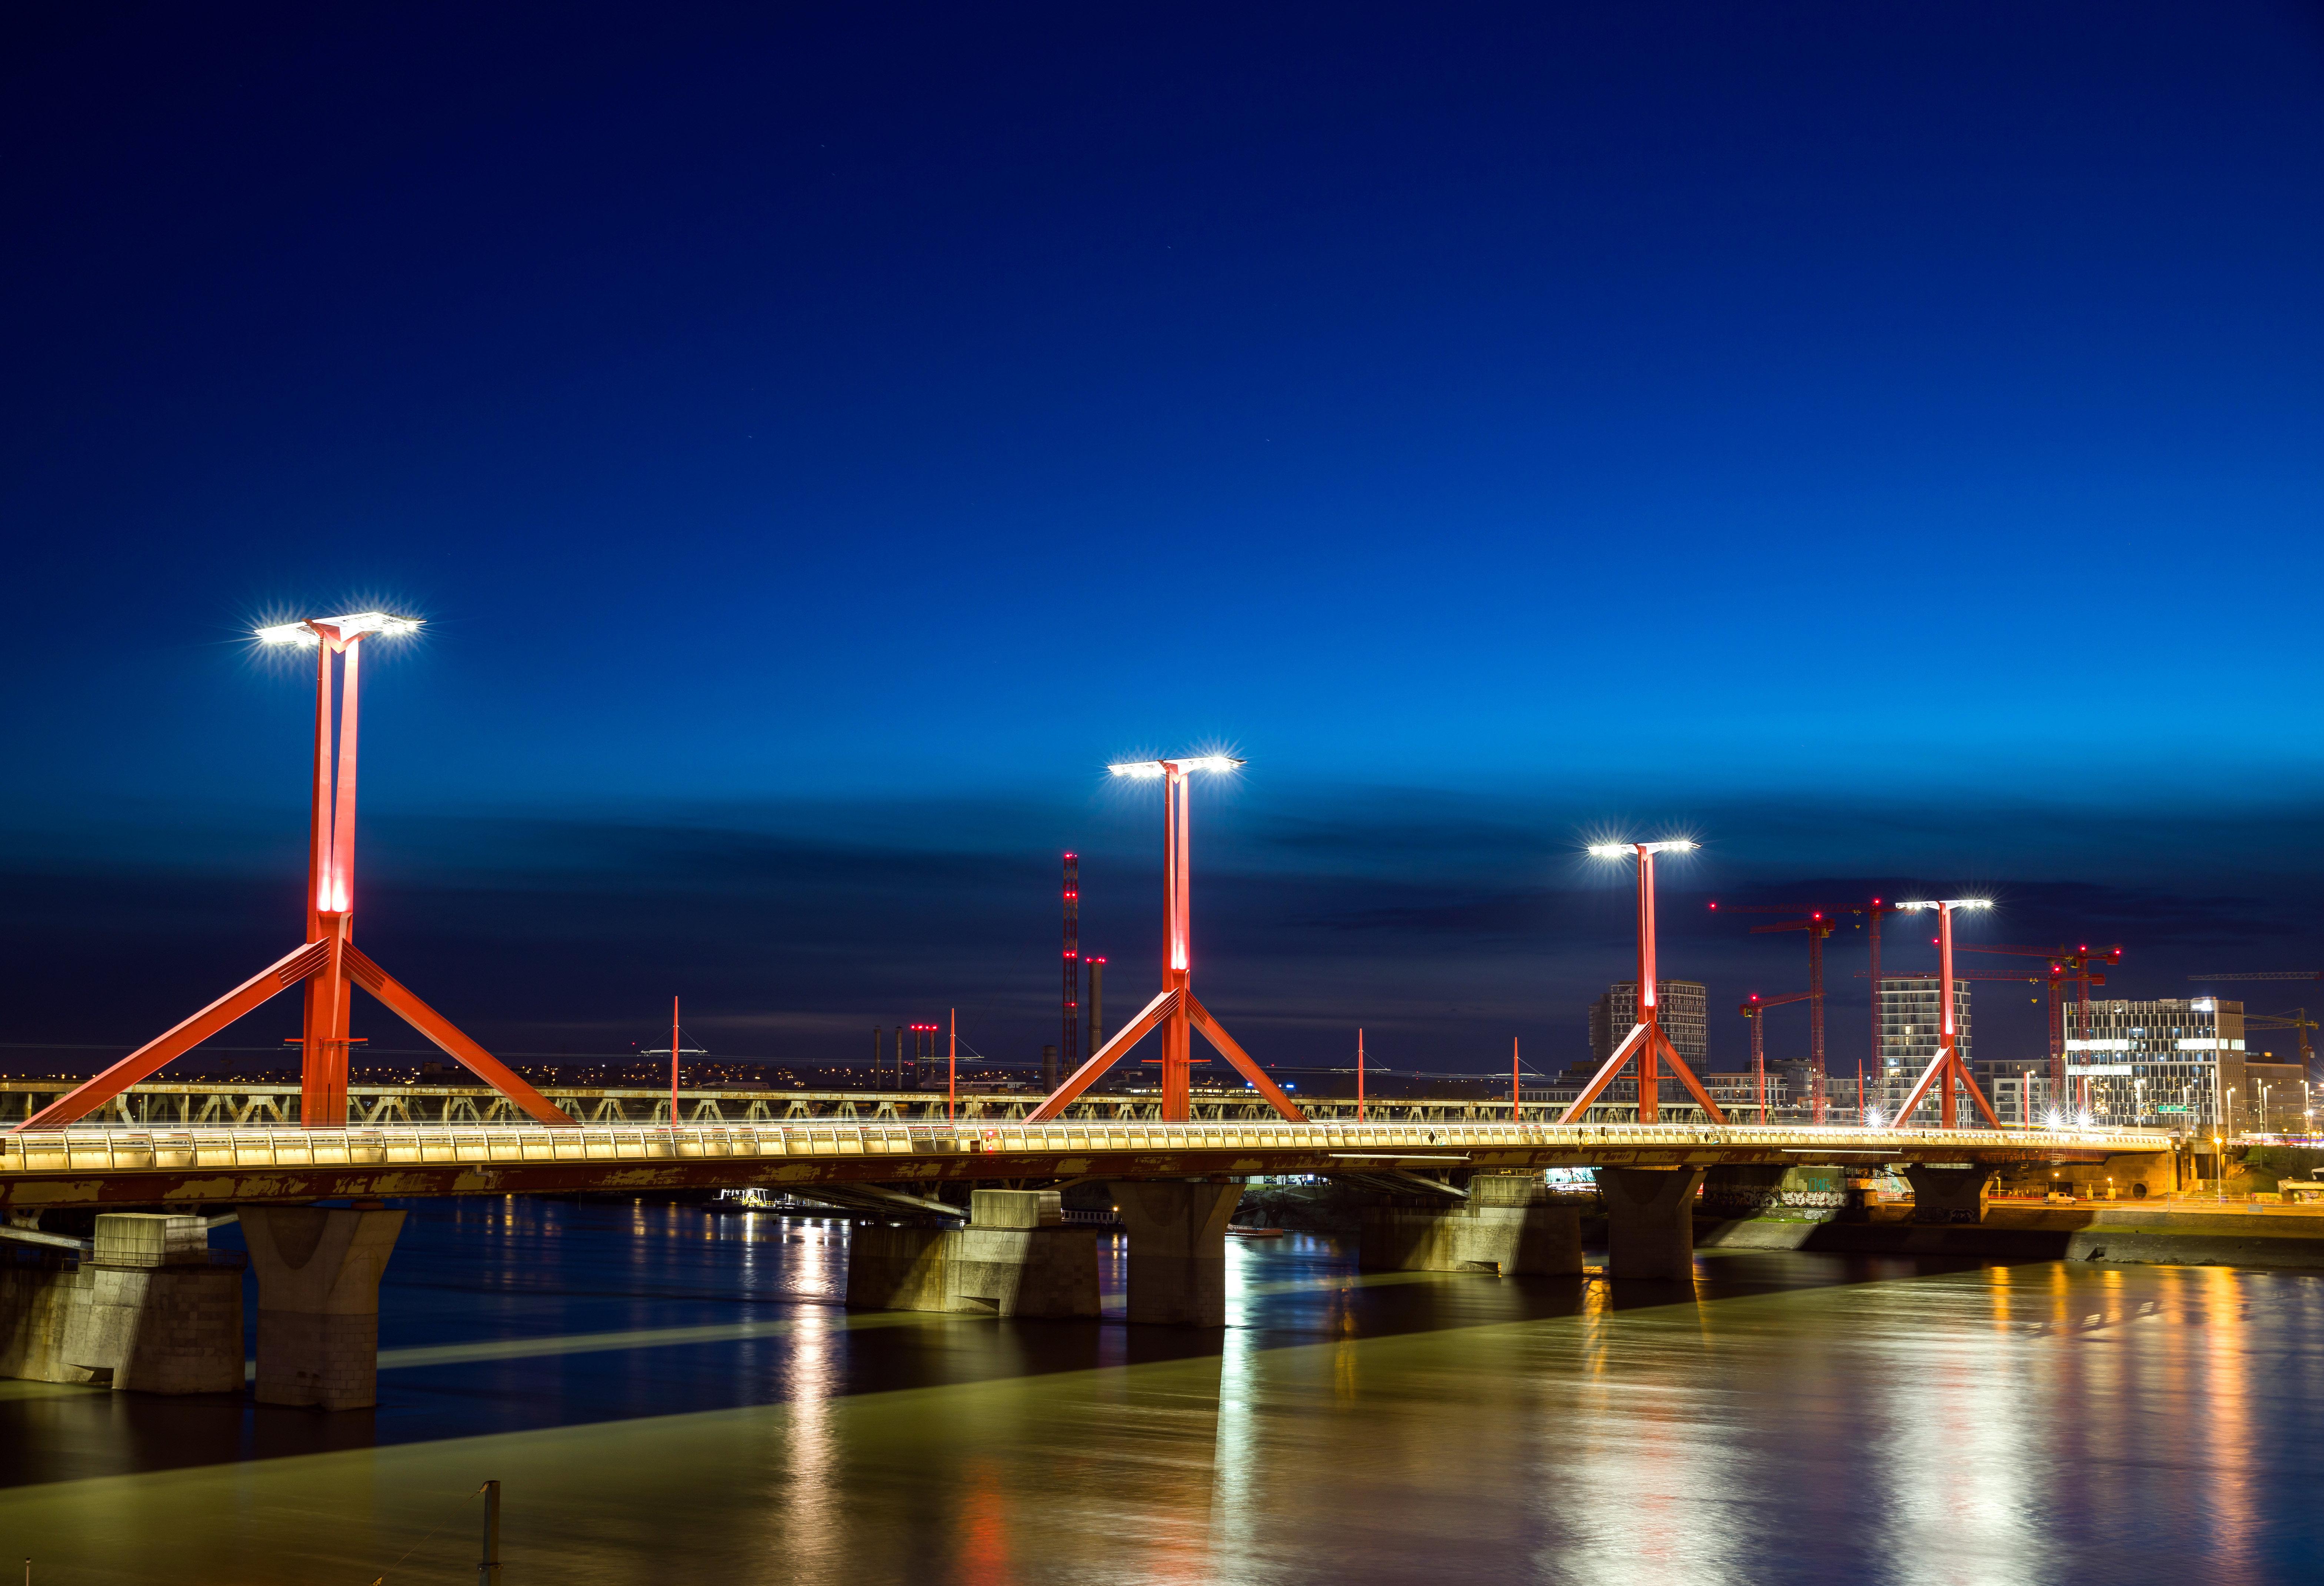 Felmászott a Rákóczi hídra, hogy csináljon egy képet, de belezuhant a Dunába